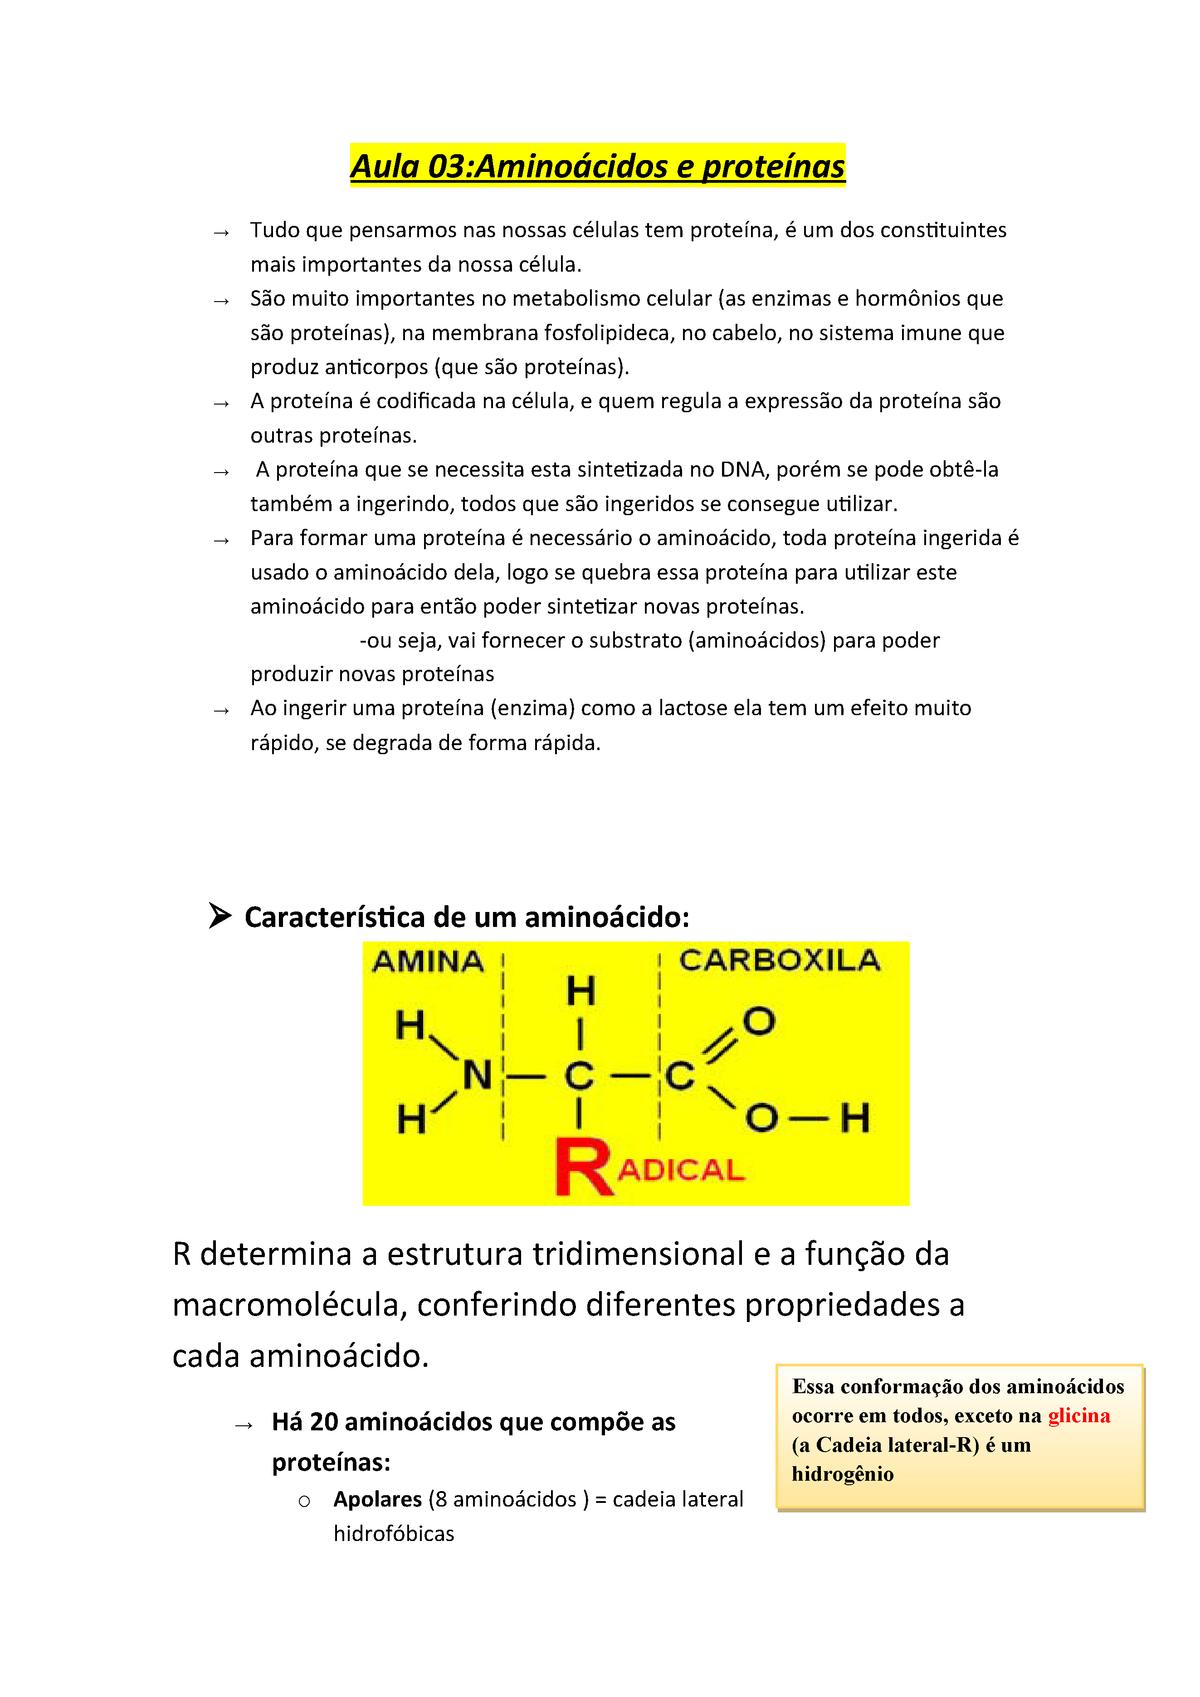 Aula 03 Resumo Processos Biológicos Unp Studocu